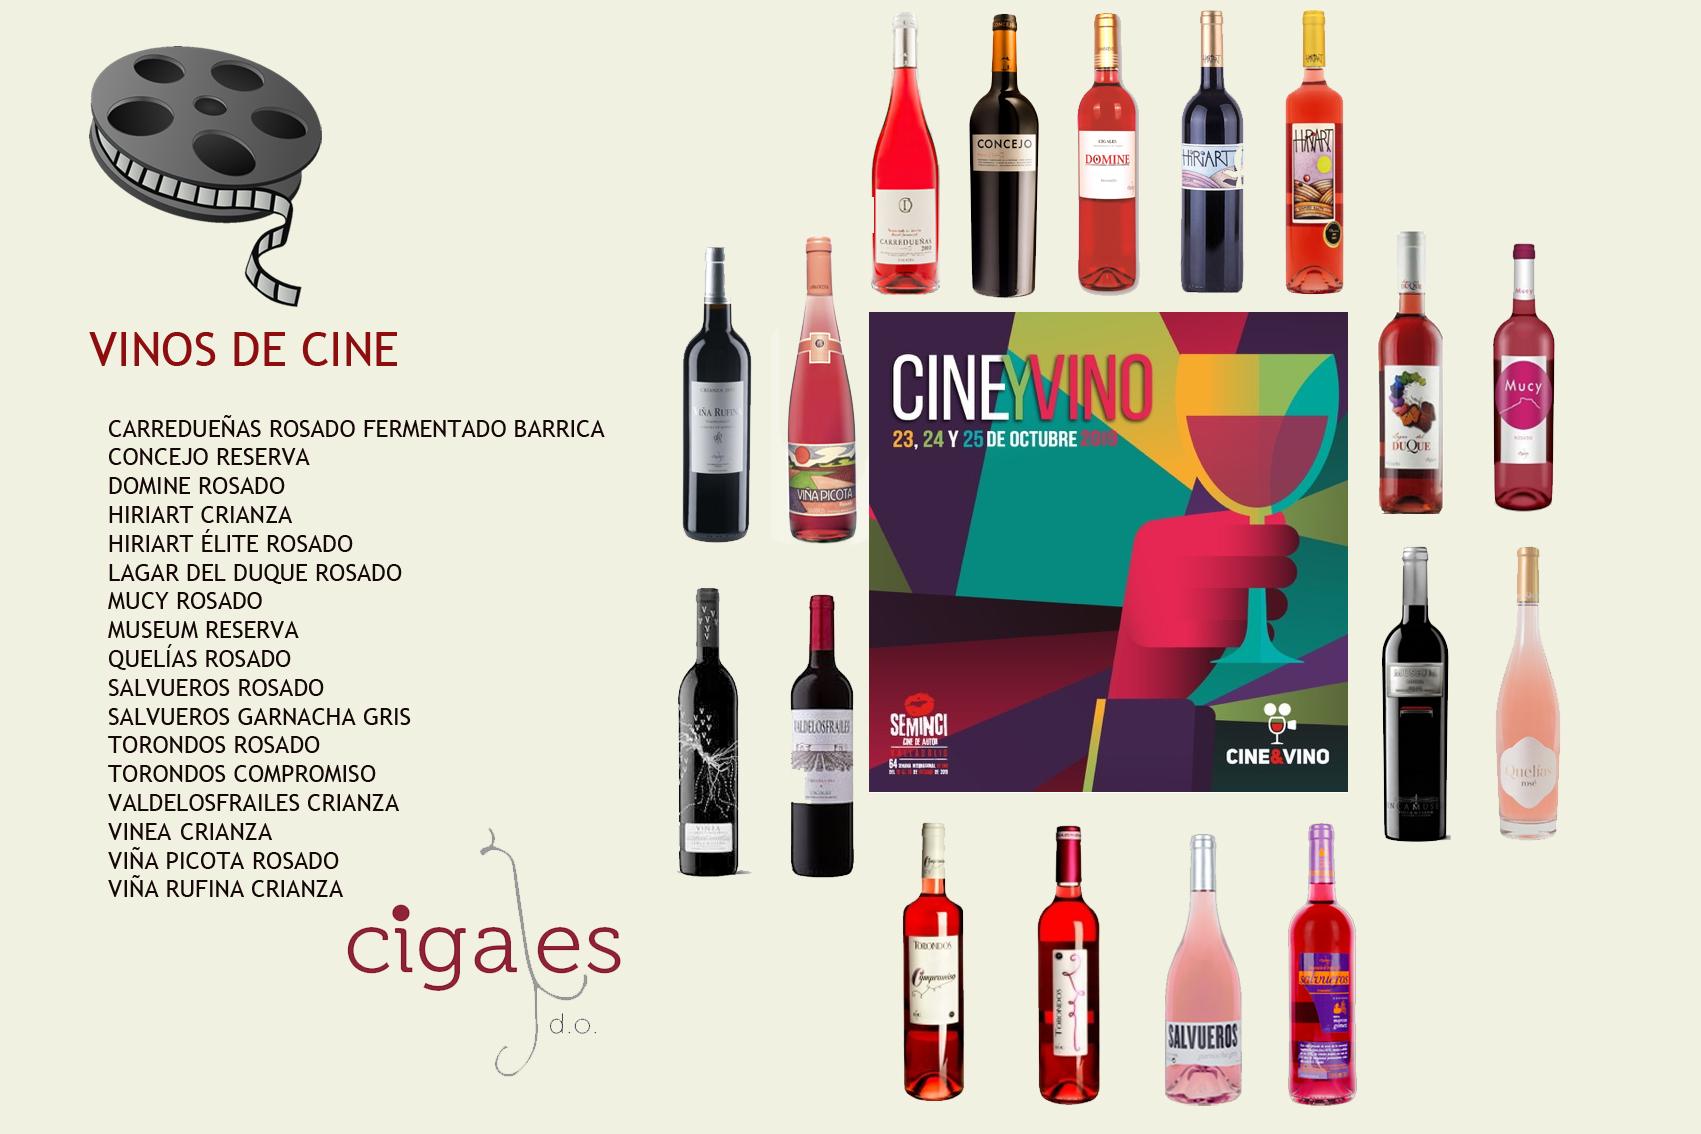 Los vinos de Cigales, Ribera del Duero y Rueda celebran la sexta edición de la sección Cine y Vino